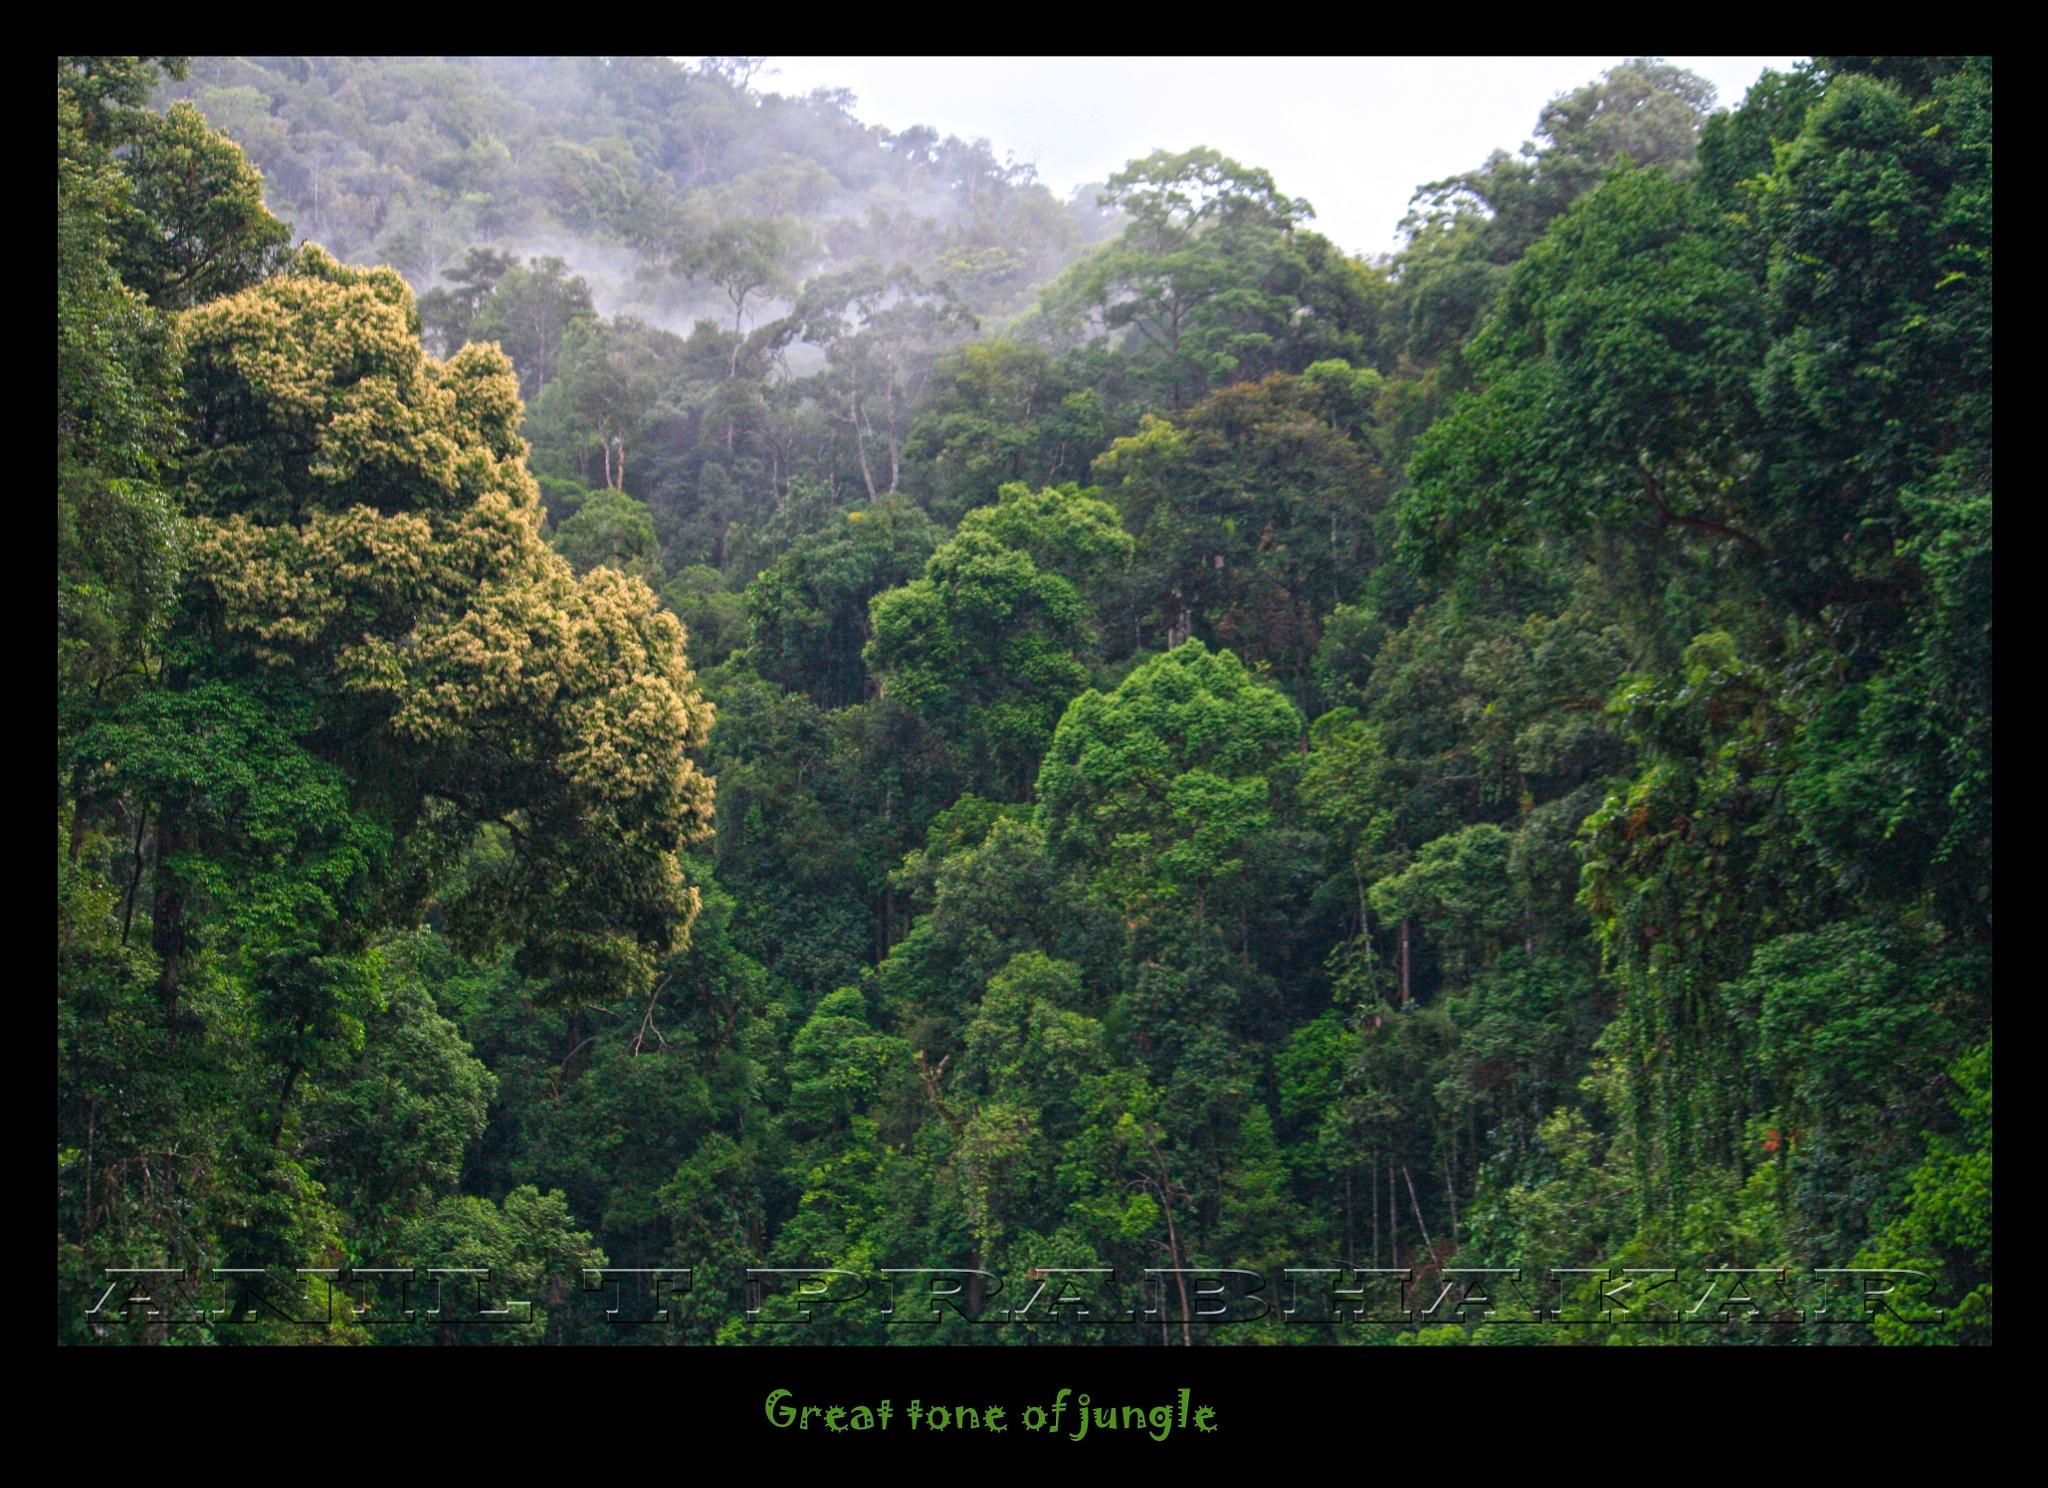 Deep Into the Forest  by Anil T Prabhakar